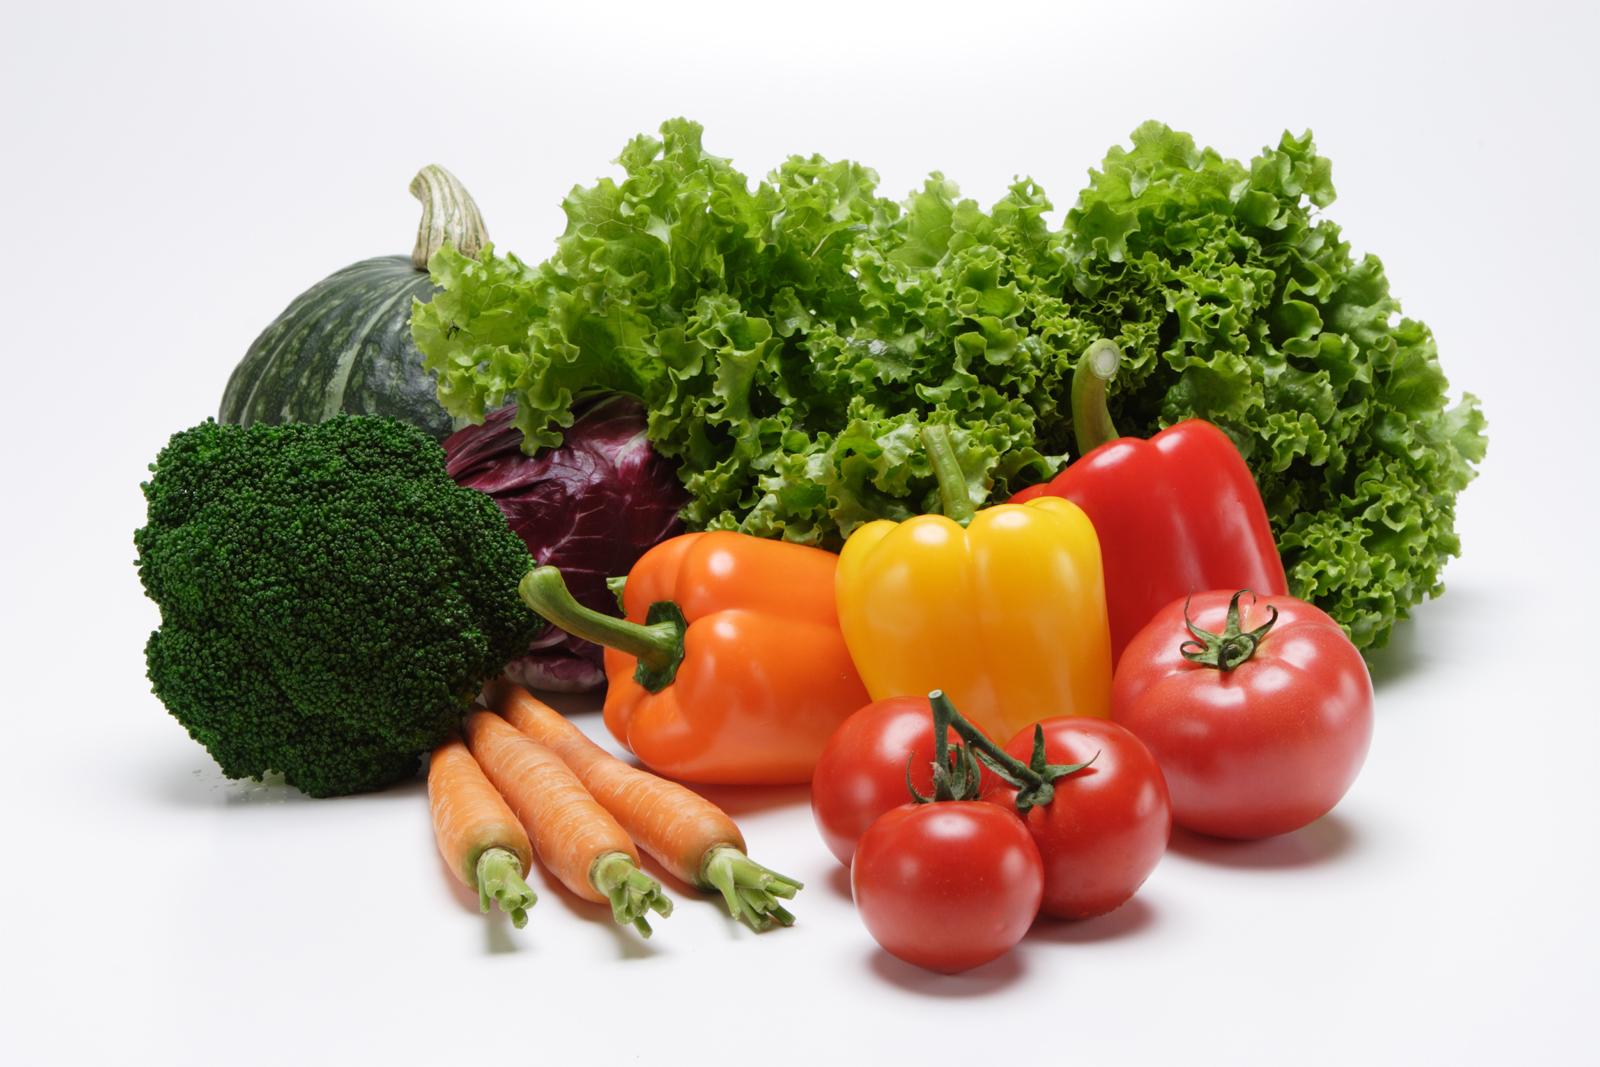 収穫した野菜のイメージ